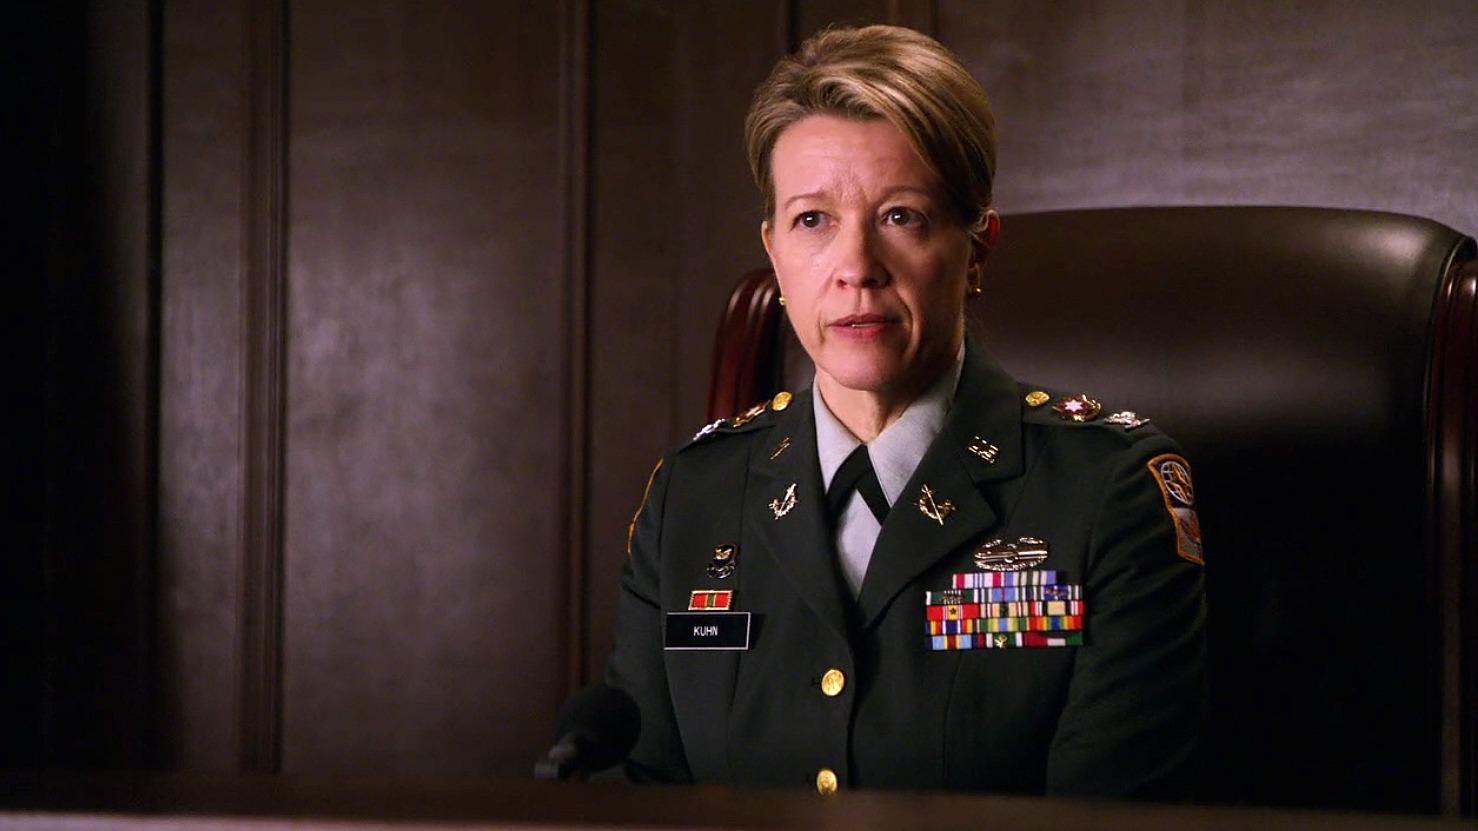 Colonel Leora Kuhn (Linda Emond)